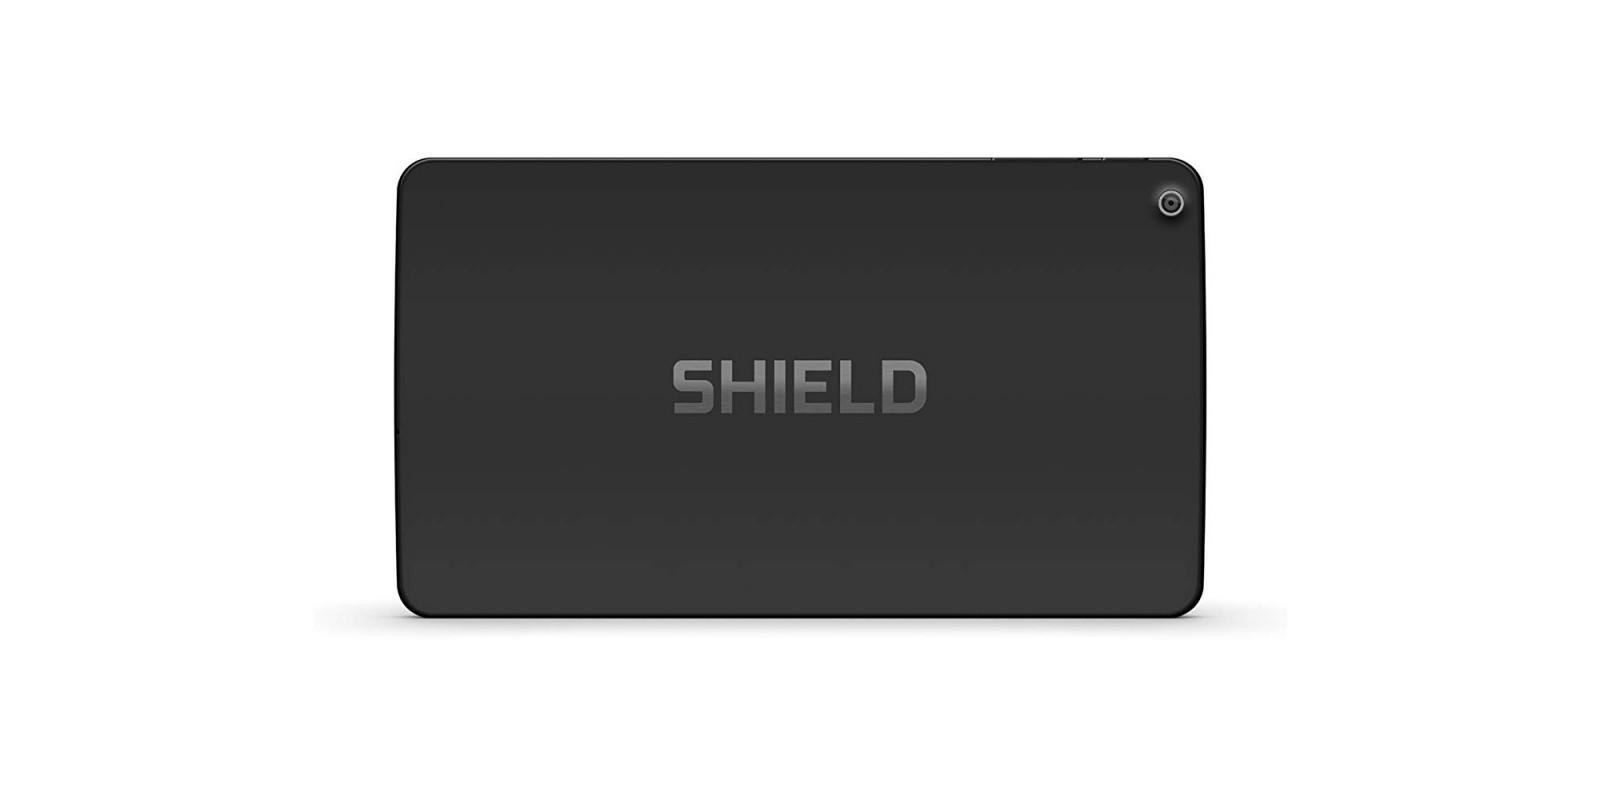 NVIDIA SHIELD K1 8-inch Tablet (Black) – Back